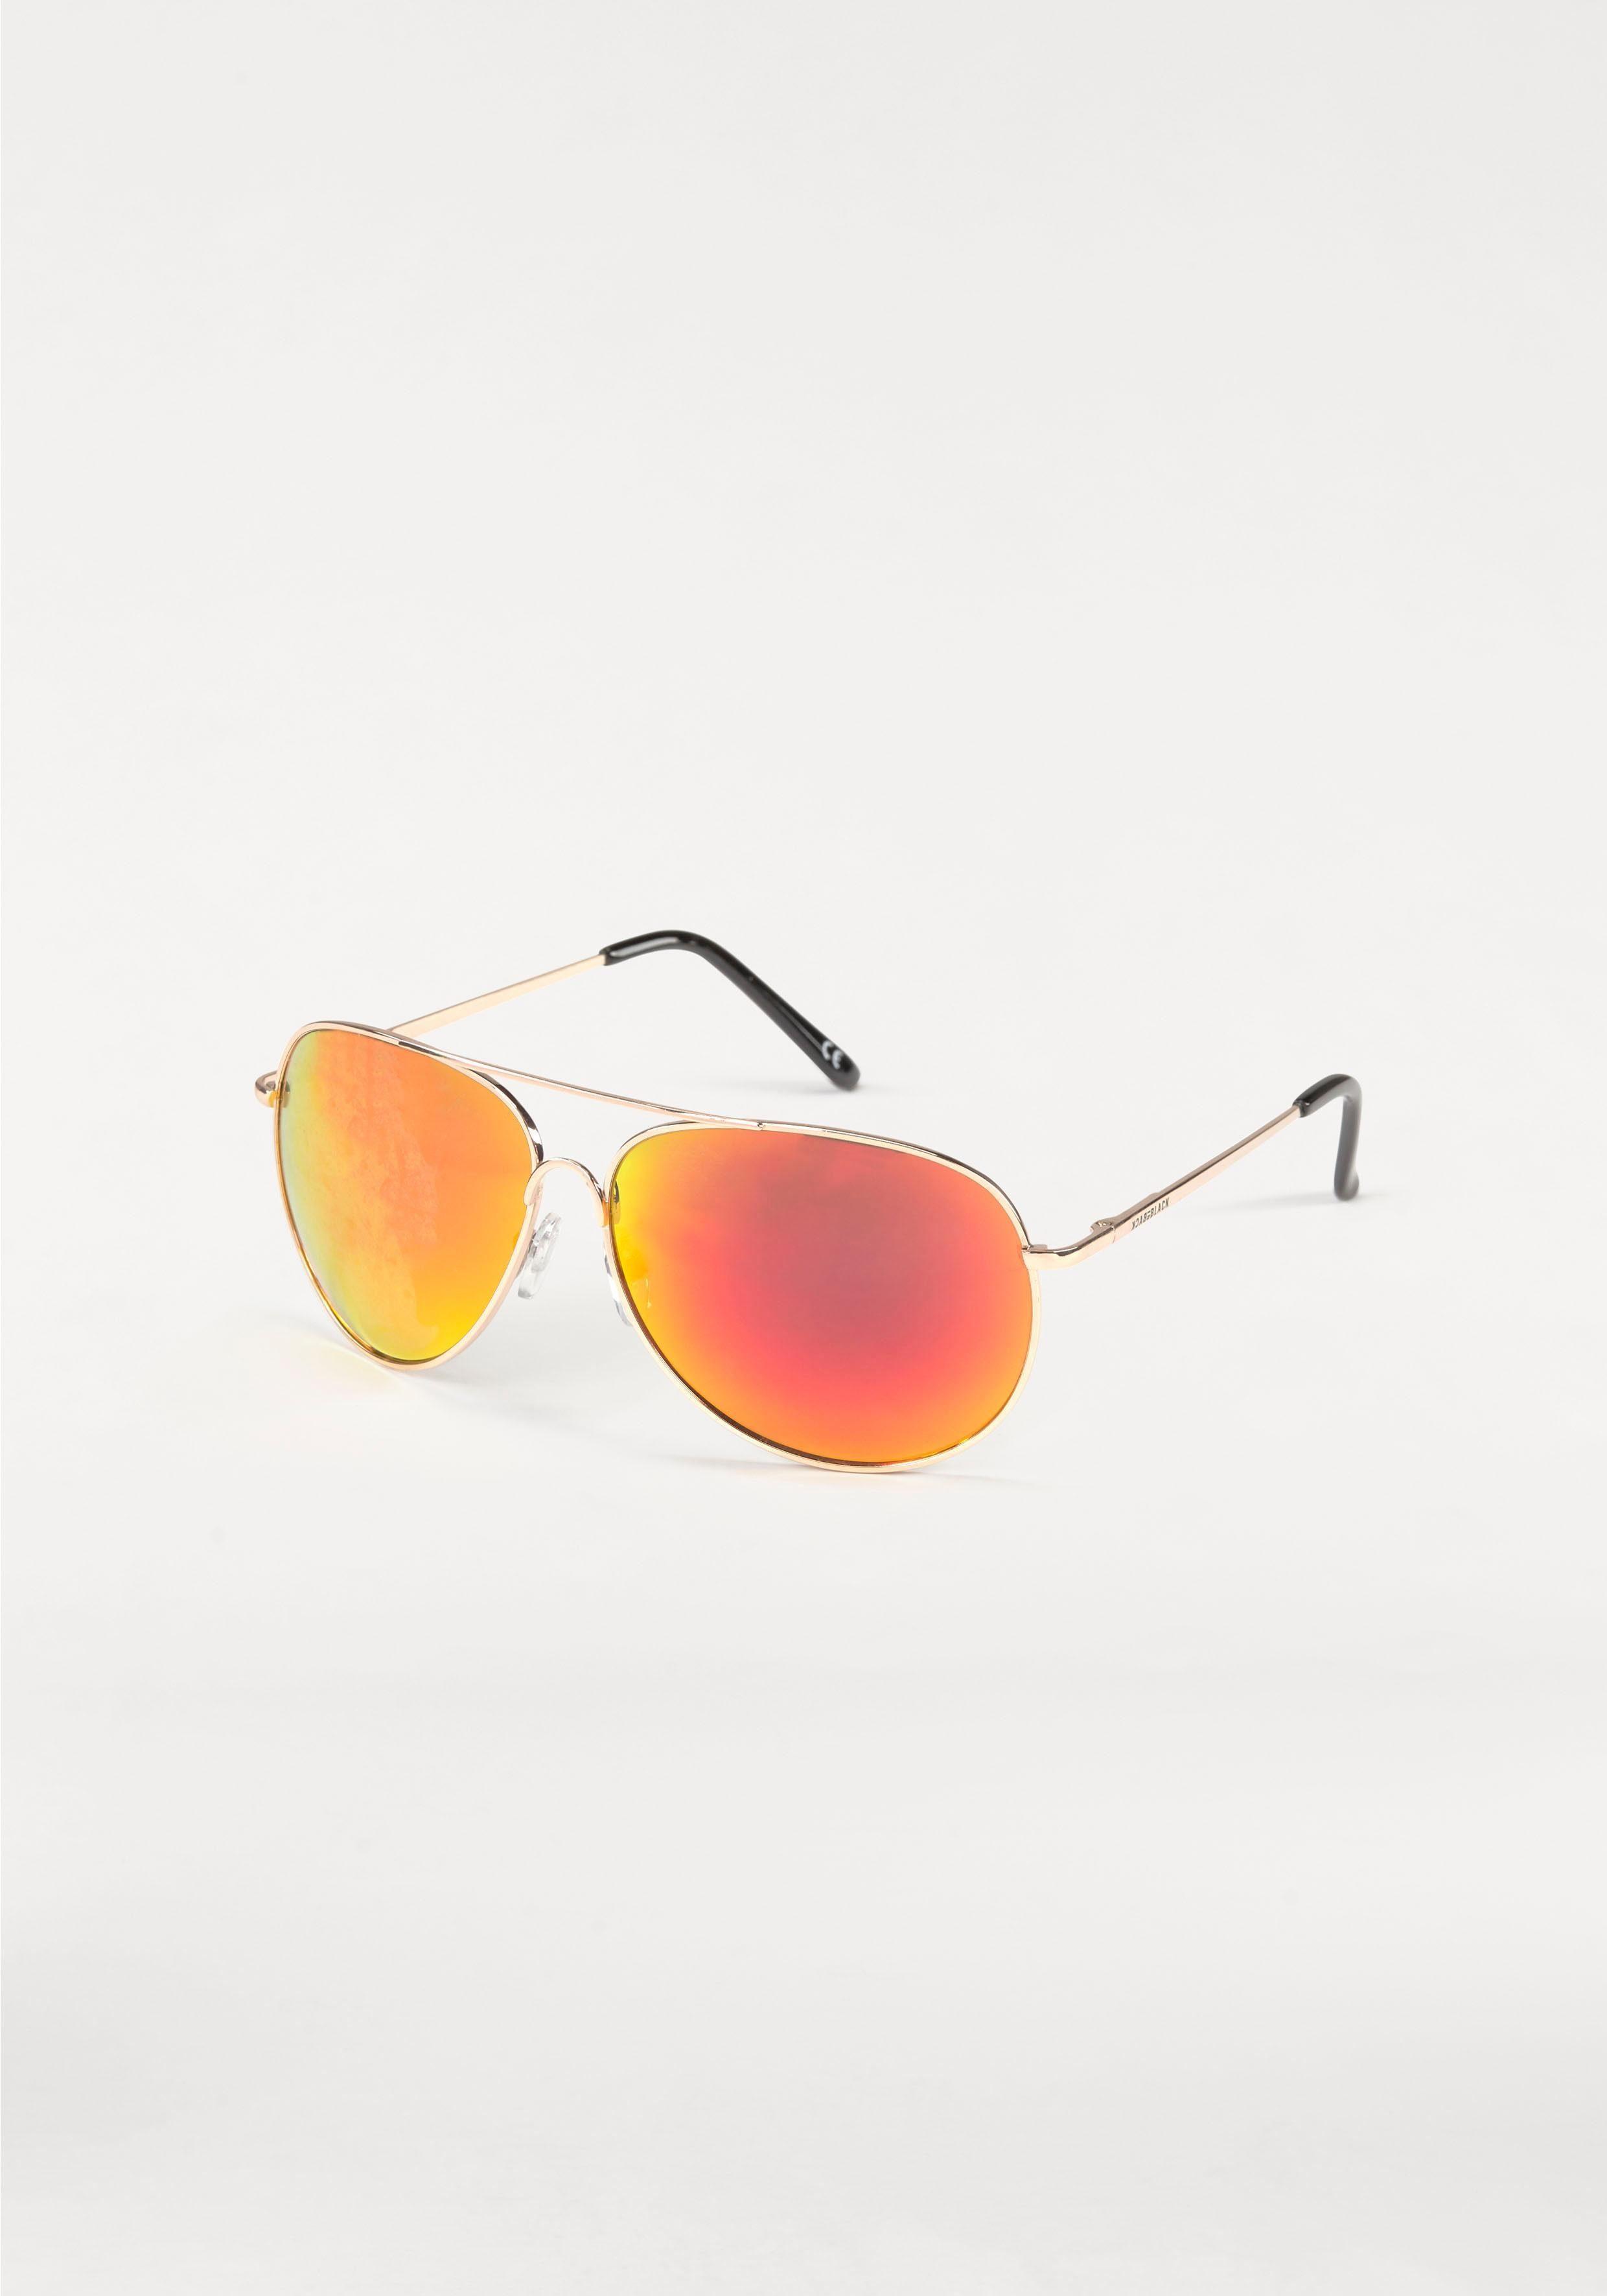 BACK IN BLACK Eyewear Sonnenbrille Flieger Look, verspiegelte Gläser online kaufen | OTTO